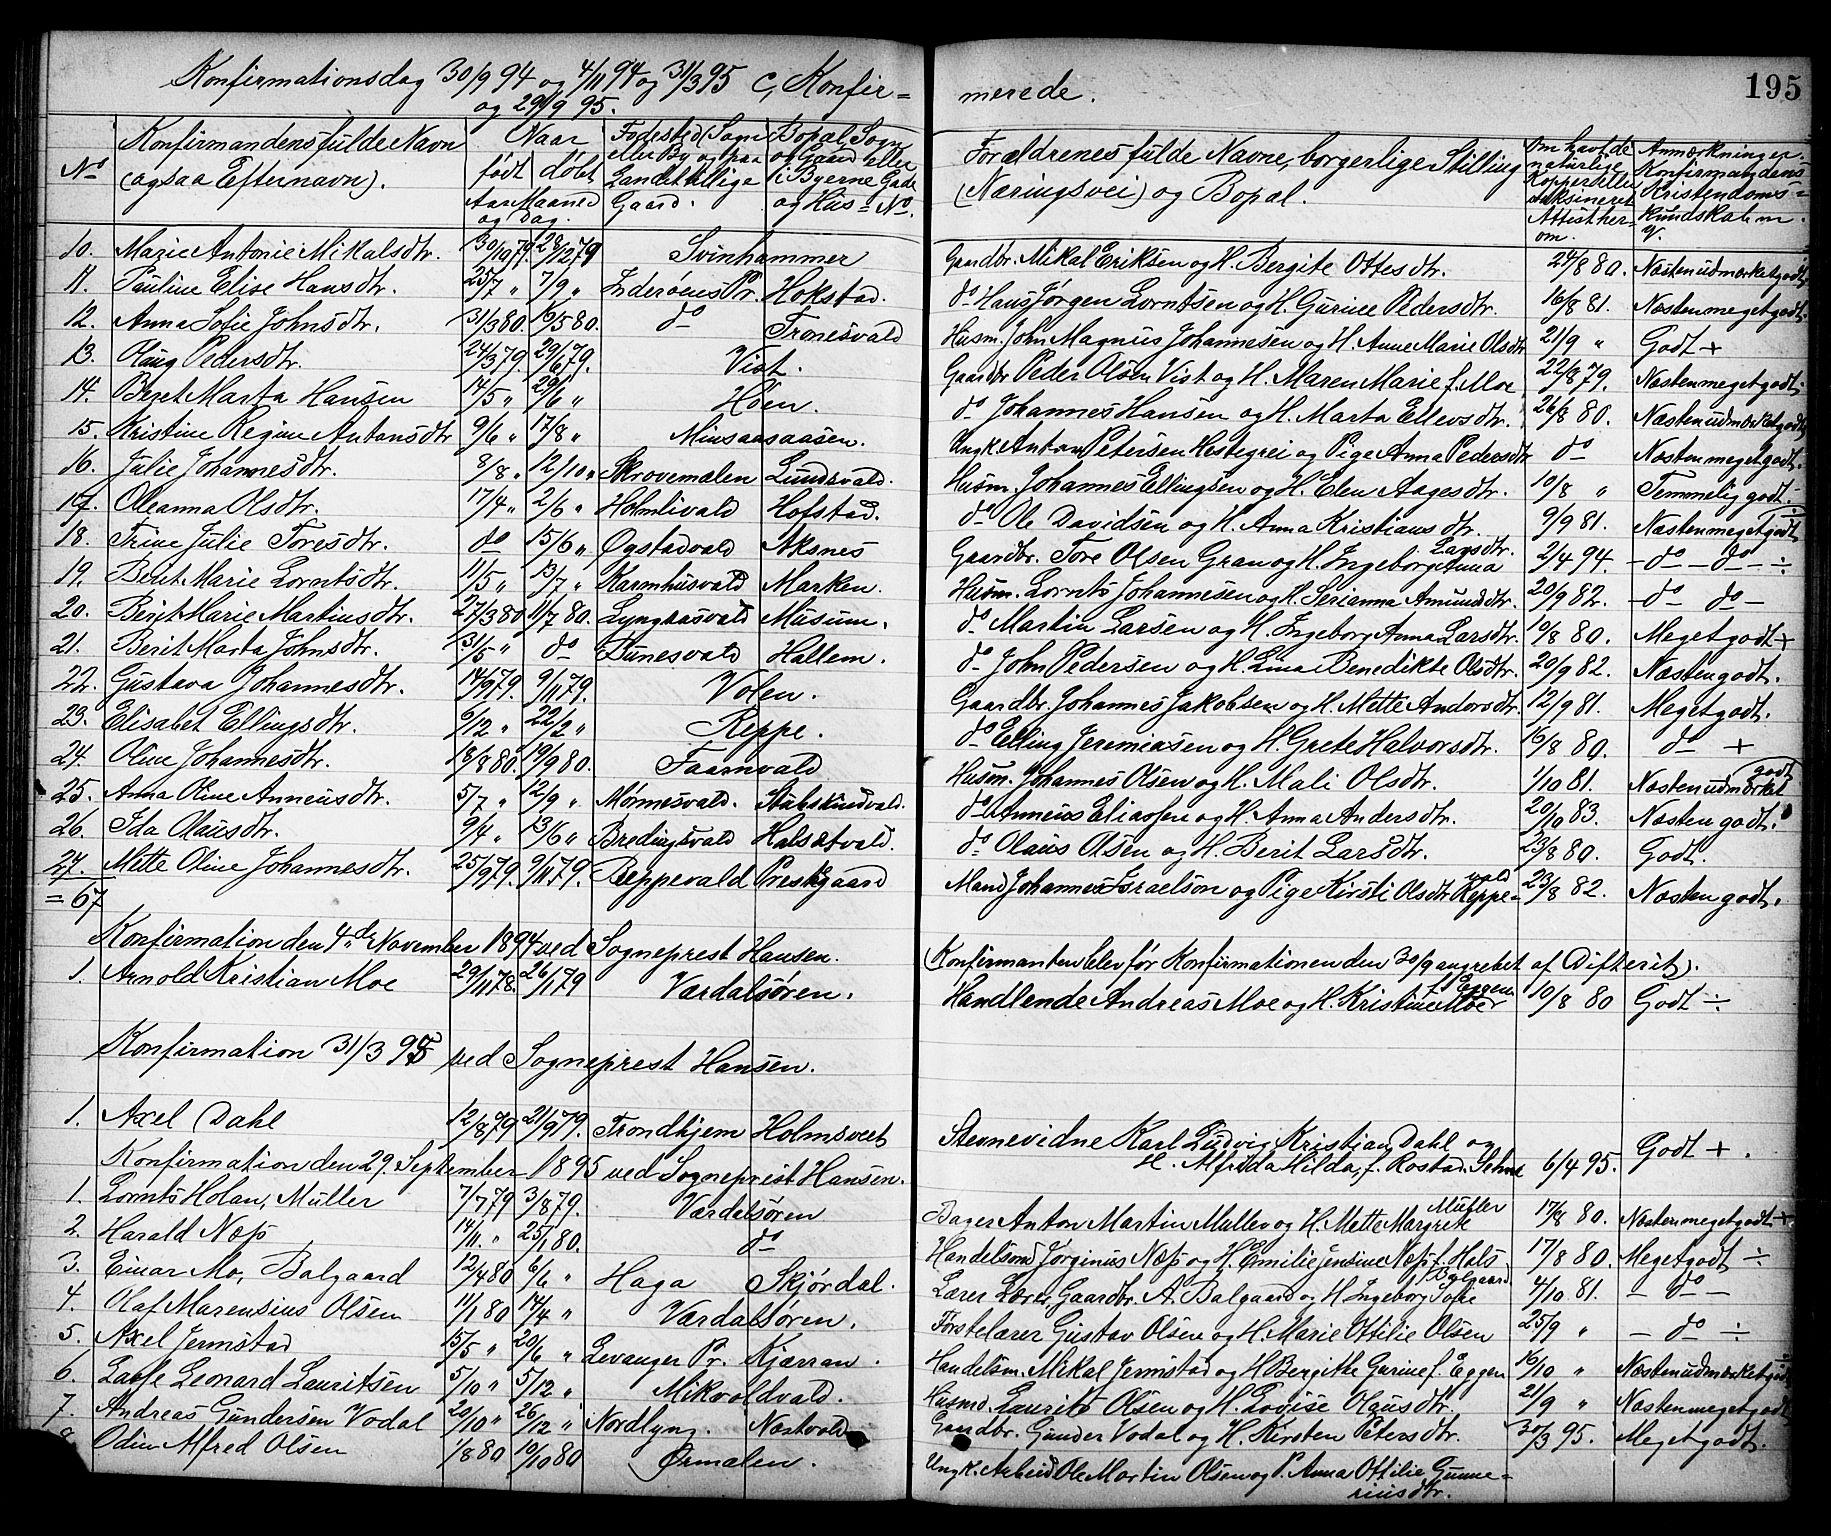 SAT, Ministerialprotokoller, klokkerbøker og fødselsregistre - Nord-Trøndelag, 723/L0257: Klokkerbok nr. 723C05, 1890-1907, s. 195